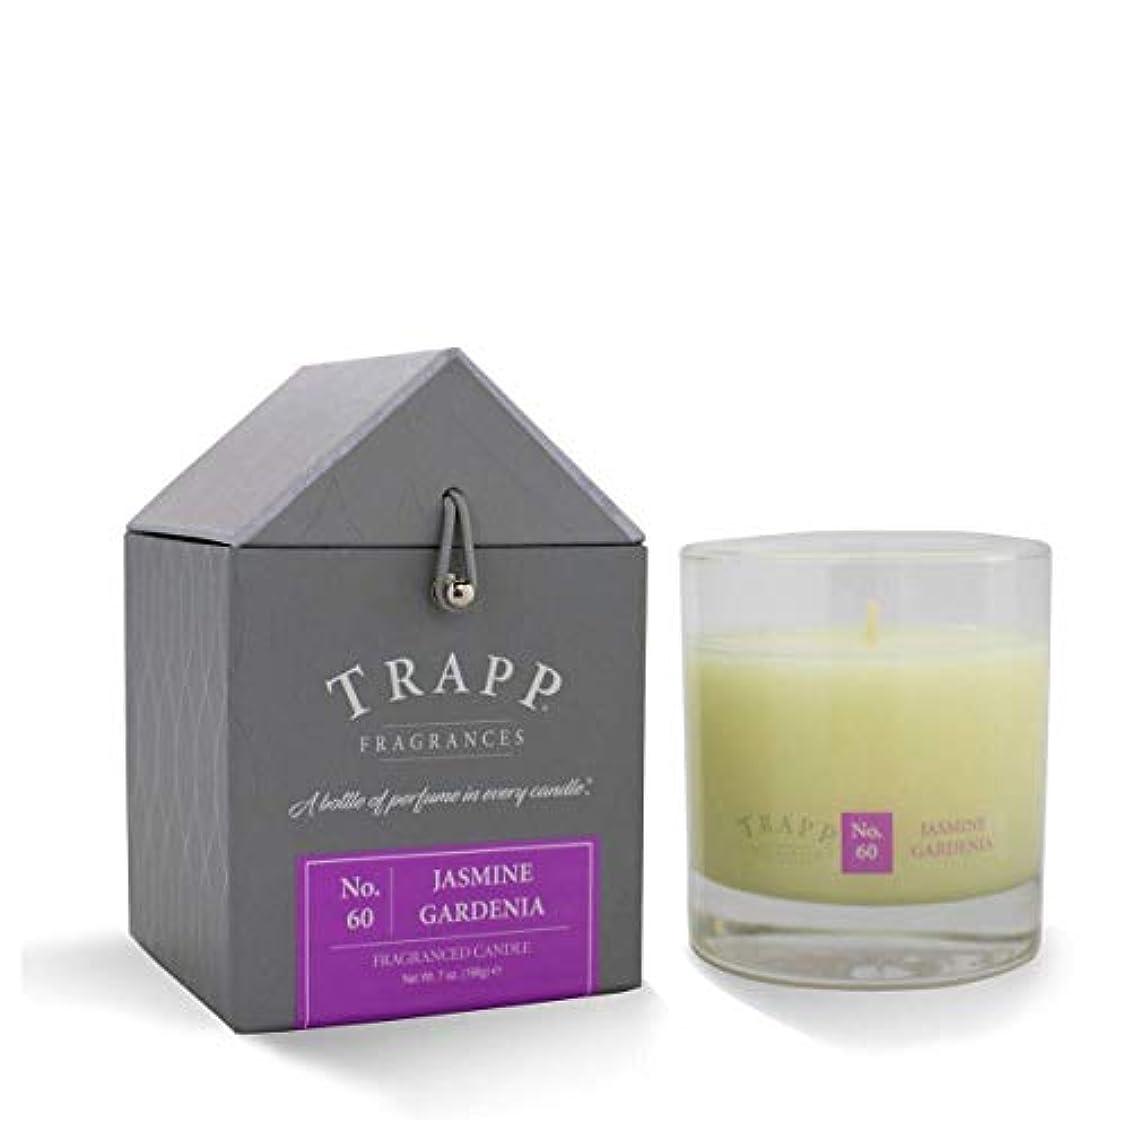 抹消バリアネイティブ(Jasmine Gardenia) - Trapp Large Poured Candle 60 Jasmine Gardenia (210ml)